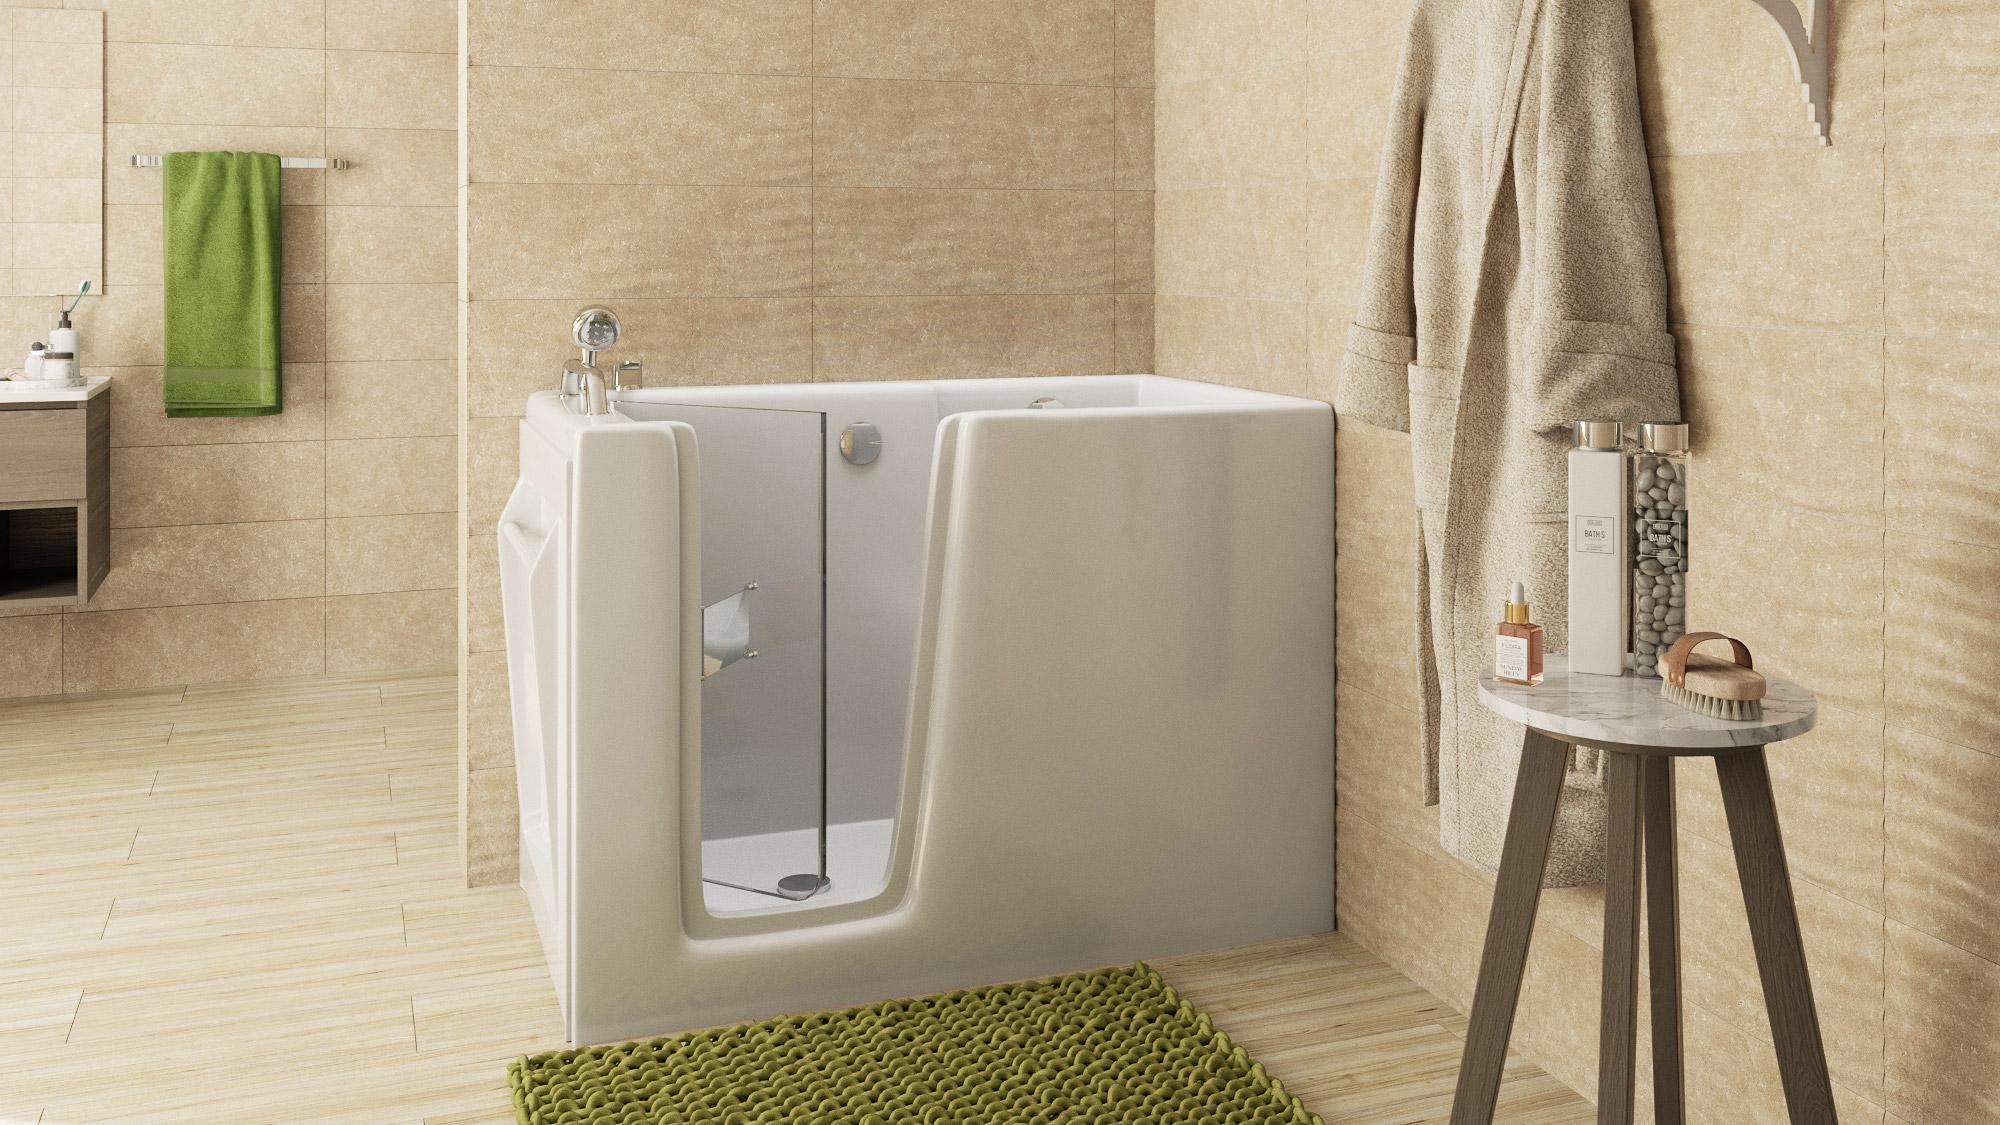 Vasca Da Bagno Con Porta : Vasca da bagno angolare con sportello e sedile per anziani